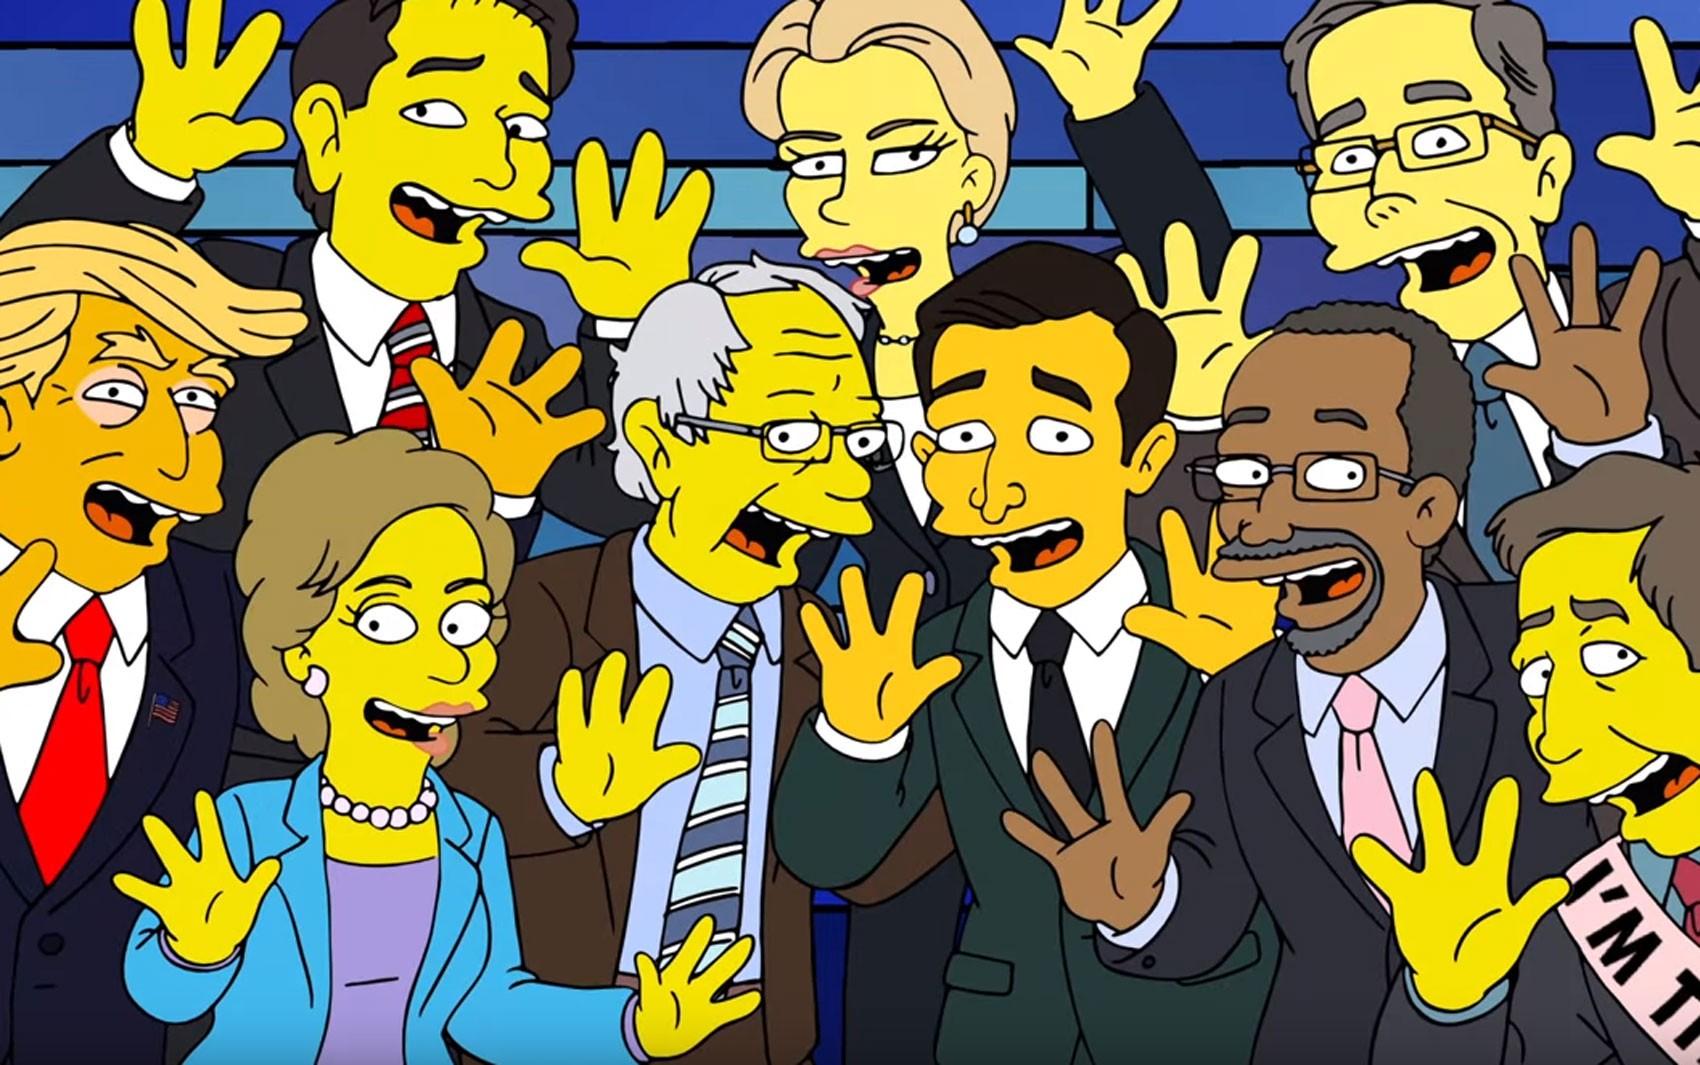 Pré-candidatos republicanos e democratas cantam juntos em cena de 'Os Simpsons' (Foto: Reprodução/Youtube)